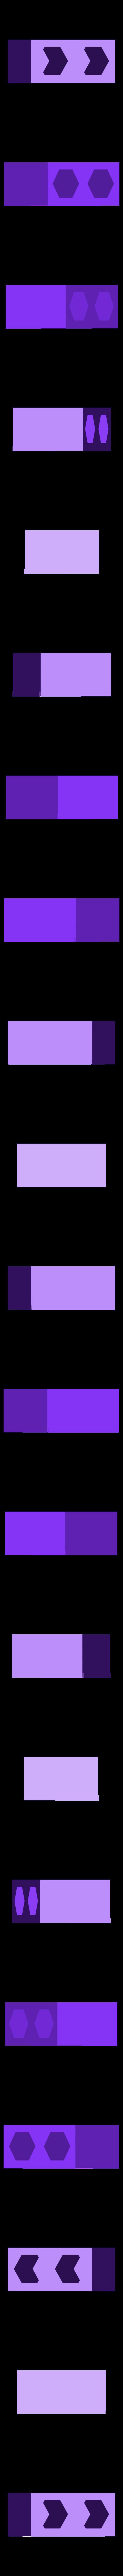 embouts_slot.stl Télécharger fichier STL gratuit Embout de vissage • Design à imprimer en 3D, titi01